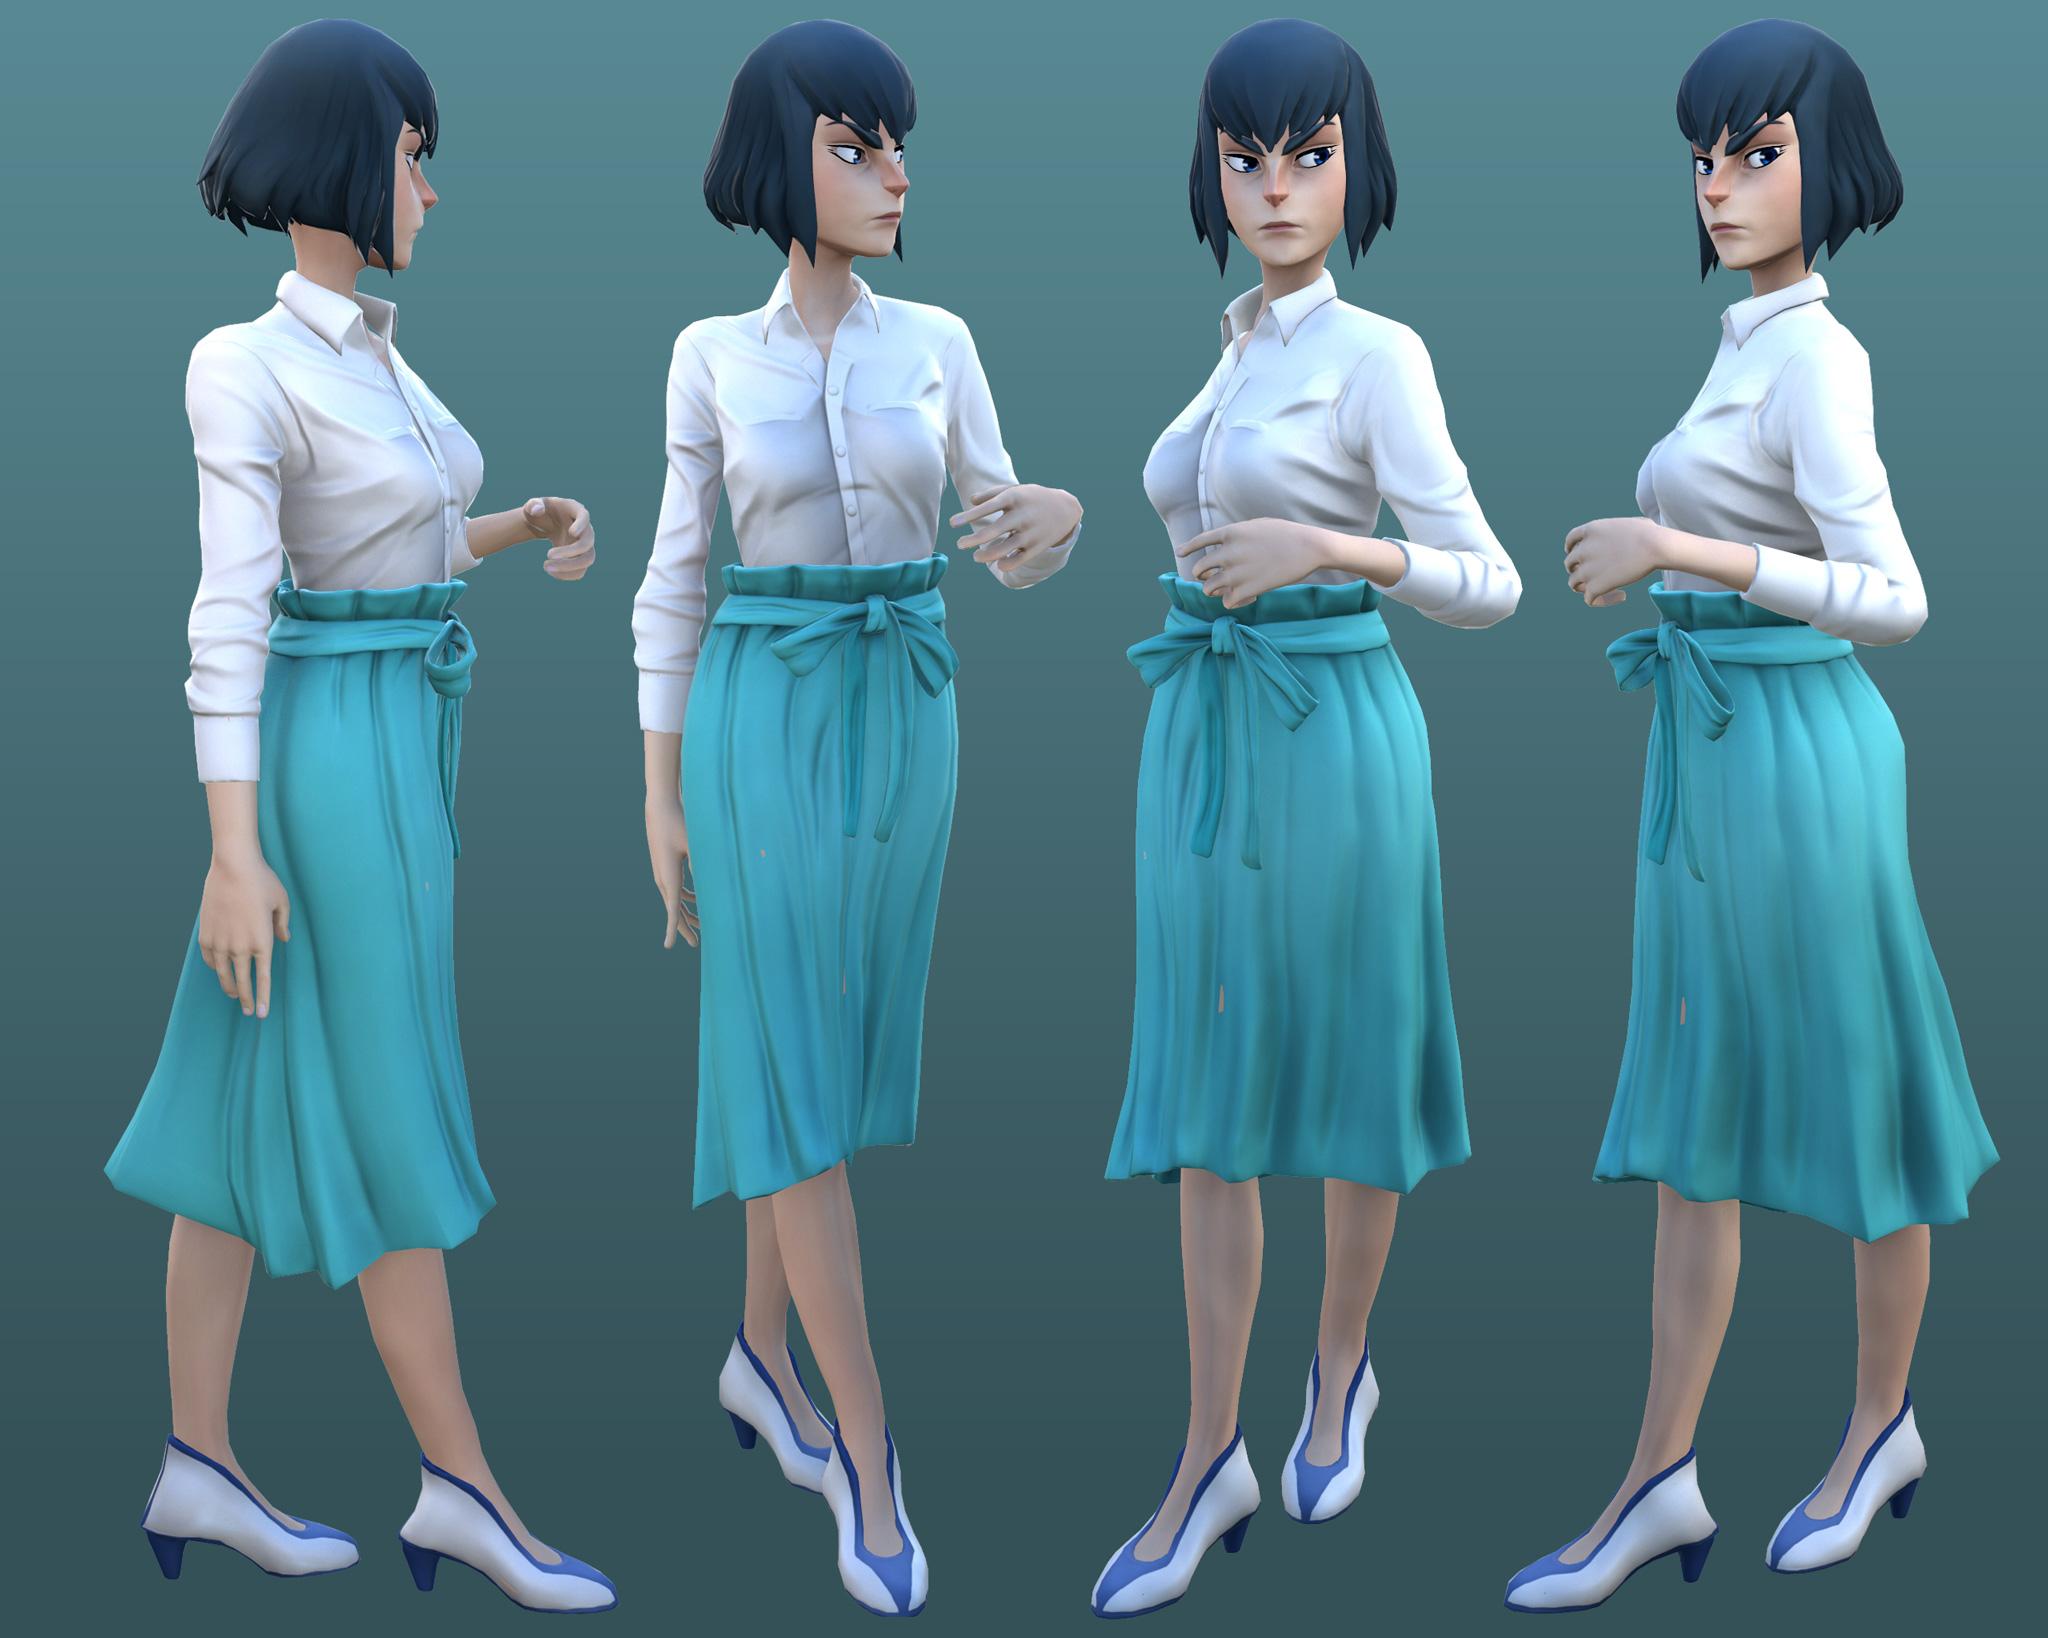 Wip 4 Satsuki Kiryuin By Yuliuskrisna On Deviantart